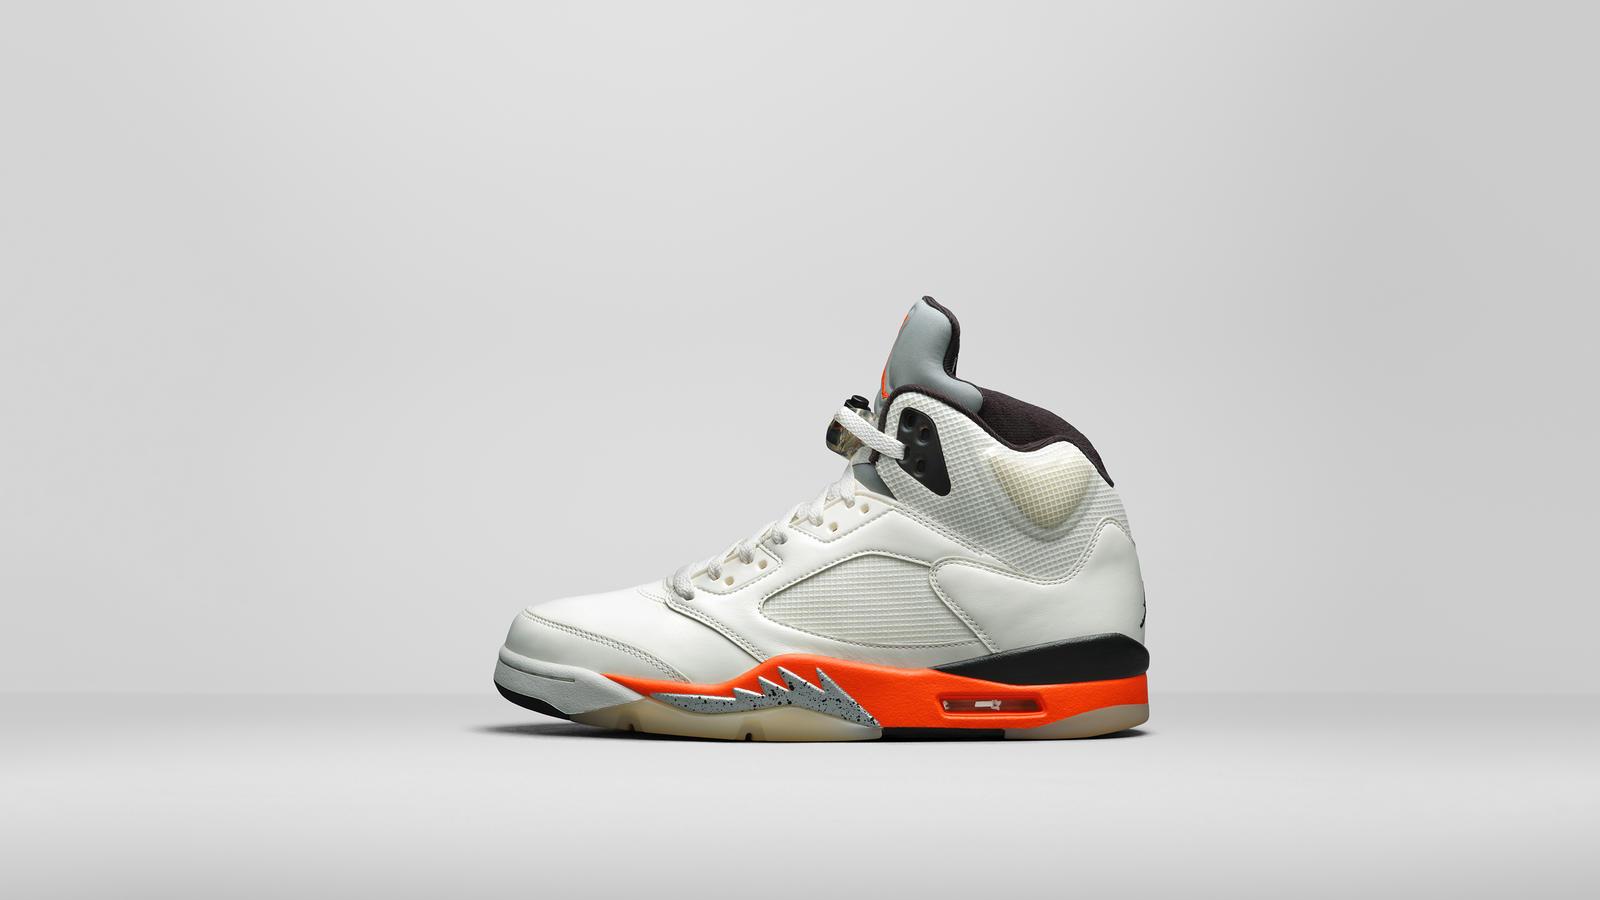 Jordan Brand Retro Preview Fall 2021 Air Jordan 11 Low IE Official Images Release Date 2